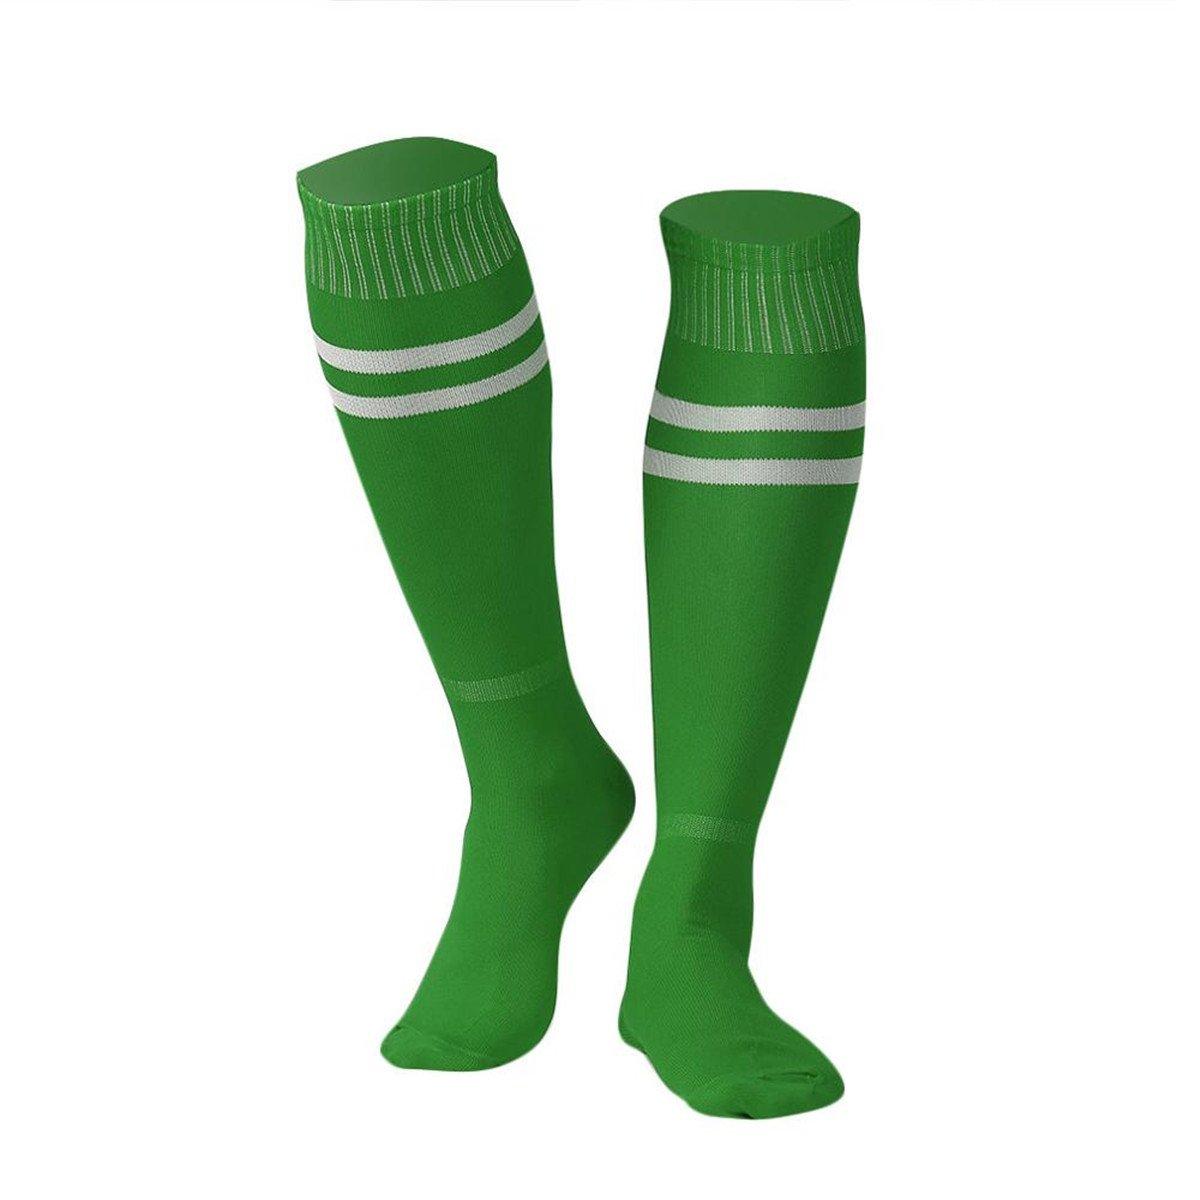 ユニセックス膝上サッカーソックスメンズレディースアウトドアスポーツレギンスストッキング B06X94QR4SA01:Green